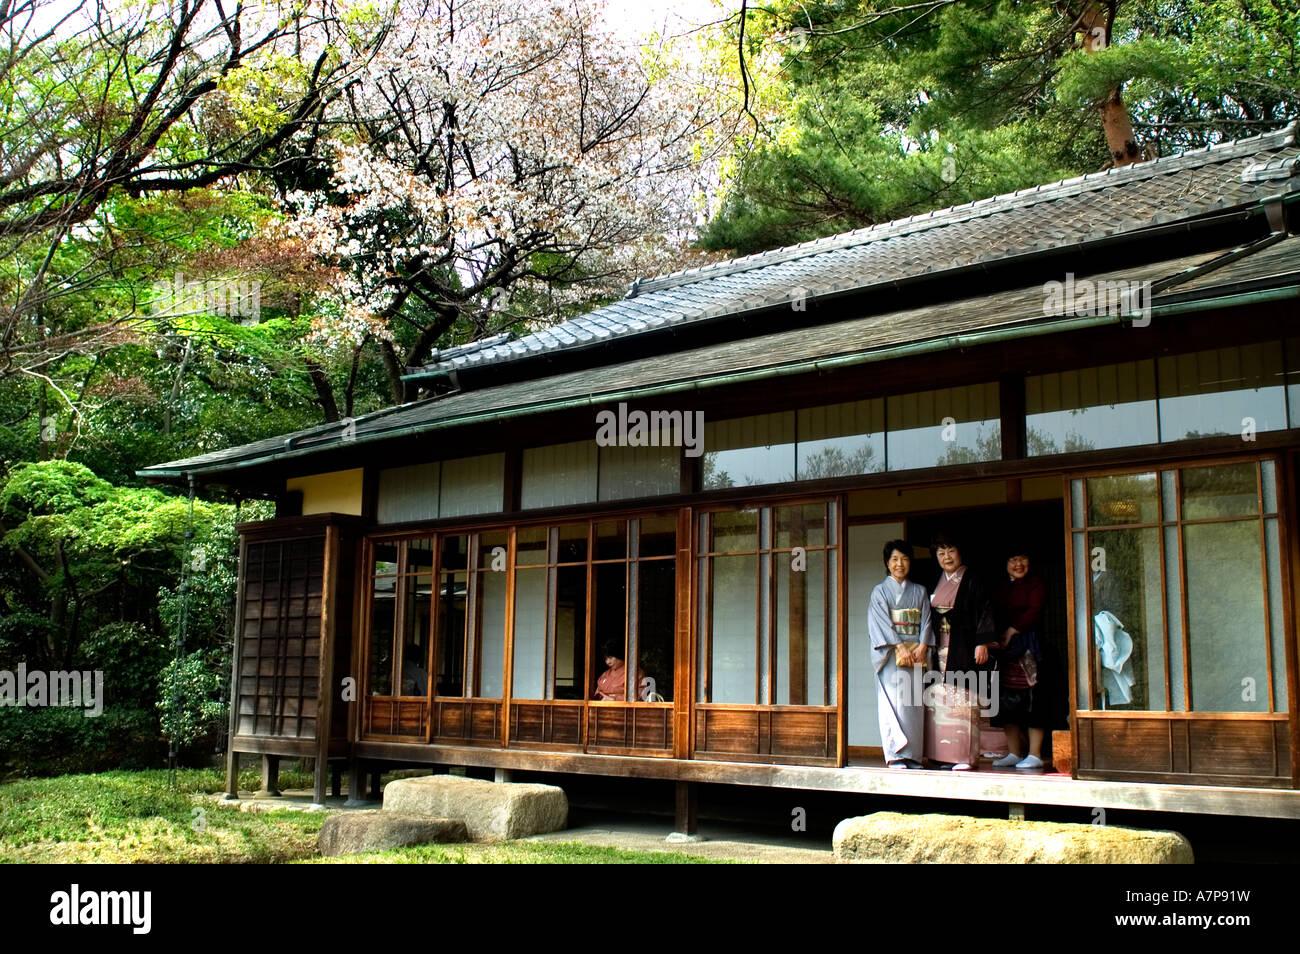 Tokyo Japan Meiji Shrine Inner Garden Tea House   Stock Image